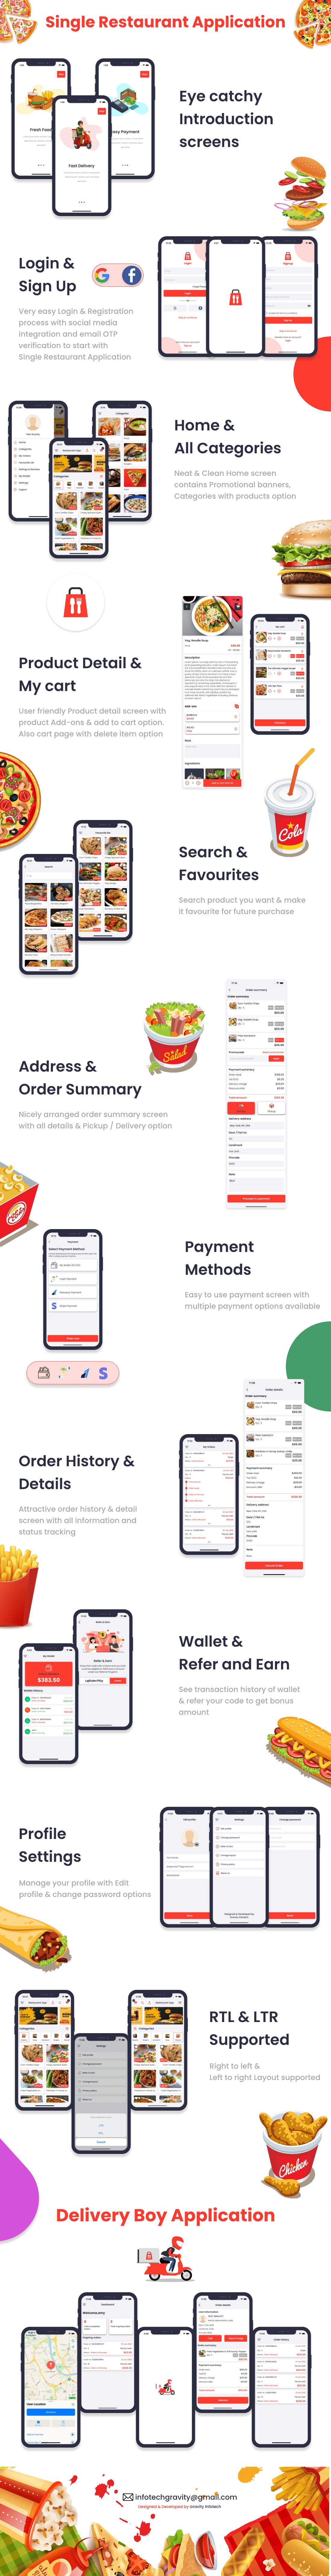 Application de commande de nourriture iOS pour un seul restaurant avec Delivery Boy et panneau d'administration - 9